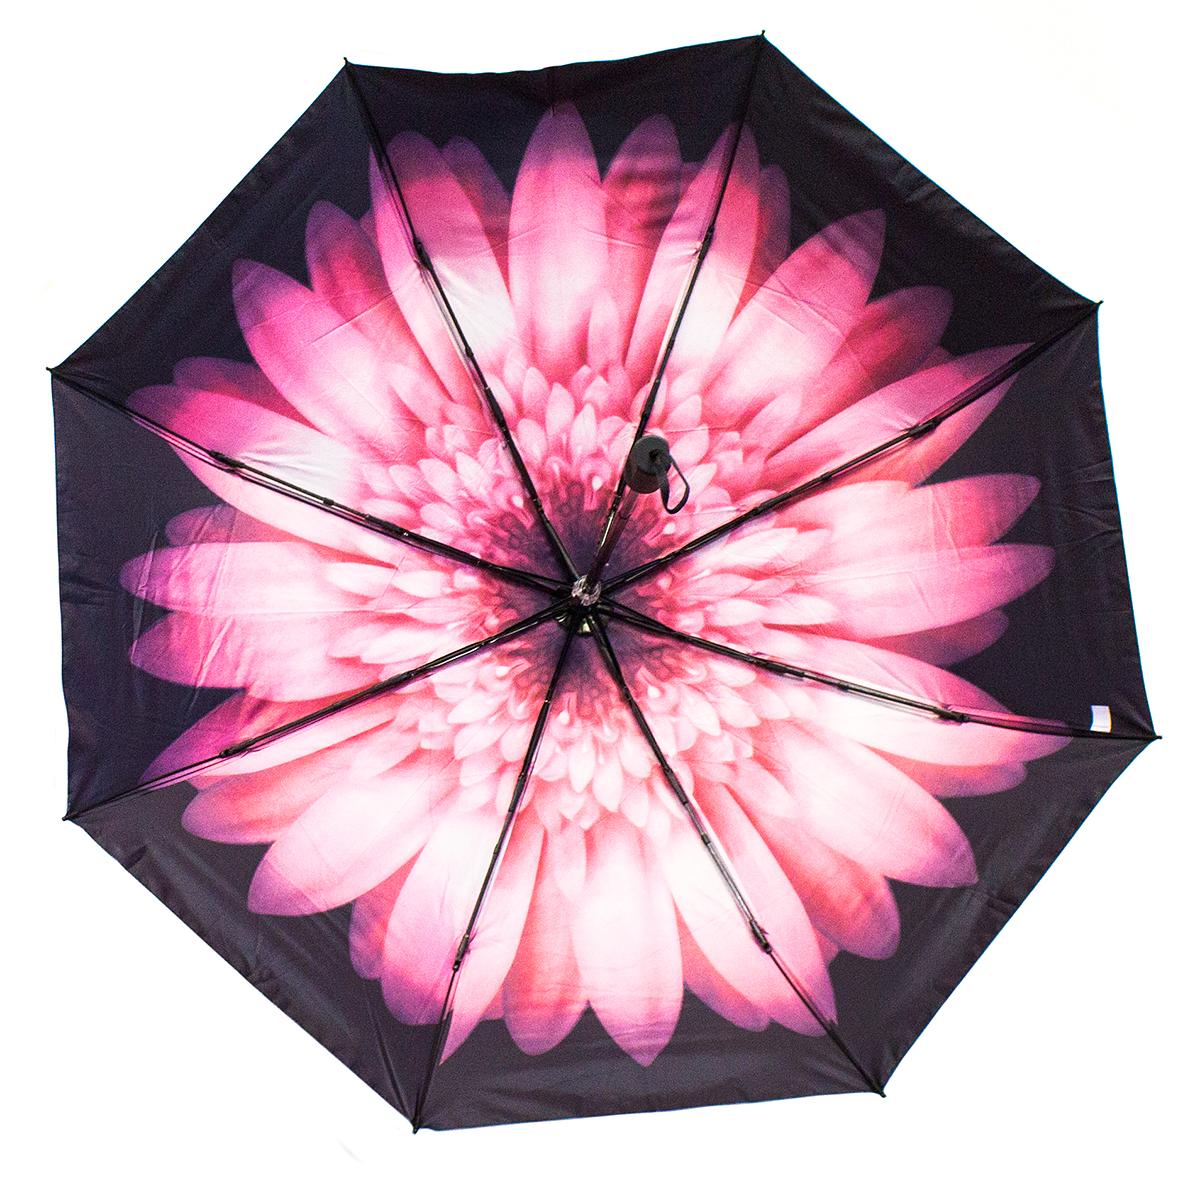 Зонт Эврика Губы, цвет: черный, розовый. 97836Пуссеты (гвоздики)Оригинальный зонт из непромокаемого водонепроницаемого материала со специальным нанесением (рисунок) , при воздействии влаги рисунок меняет цвет.Красочная подарочная упаковка, размер упаковки 28х7х7 см, материал картон.